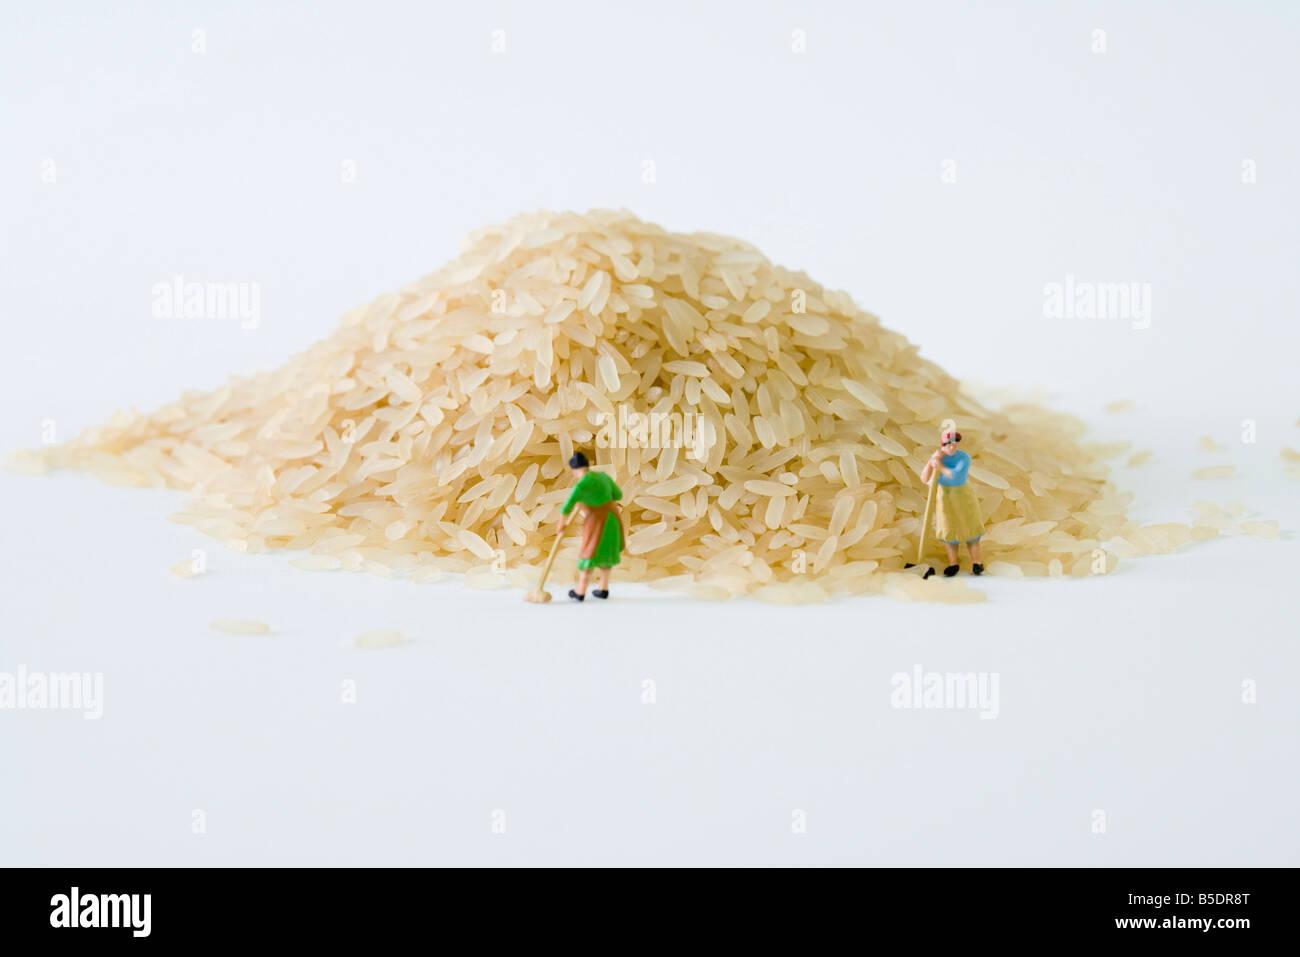 Donne in miniatura spazzando gran mucchio di riso Immagini Stock